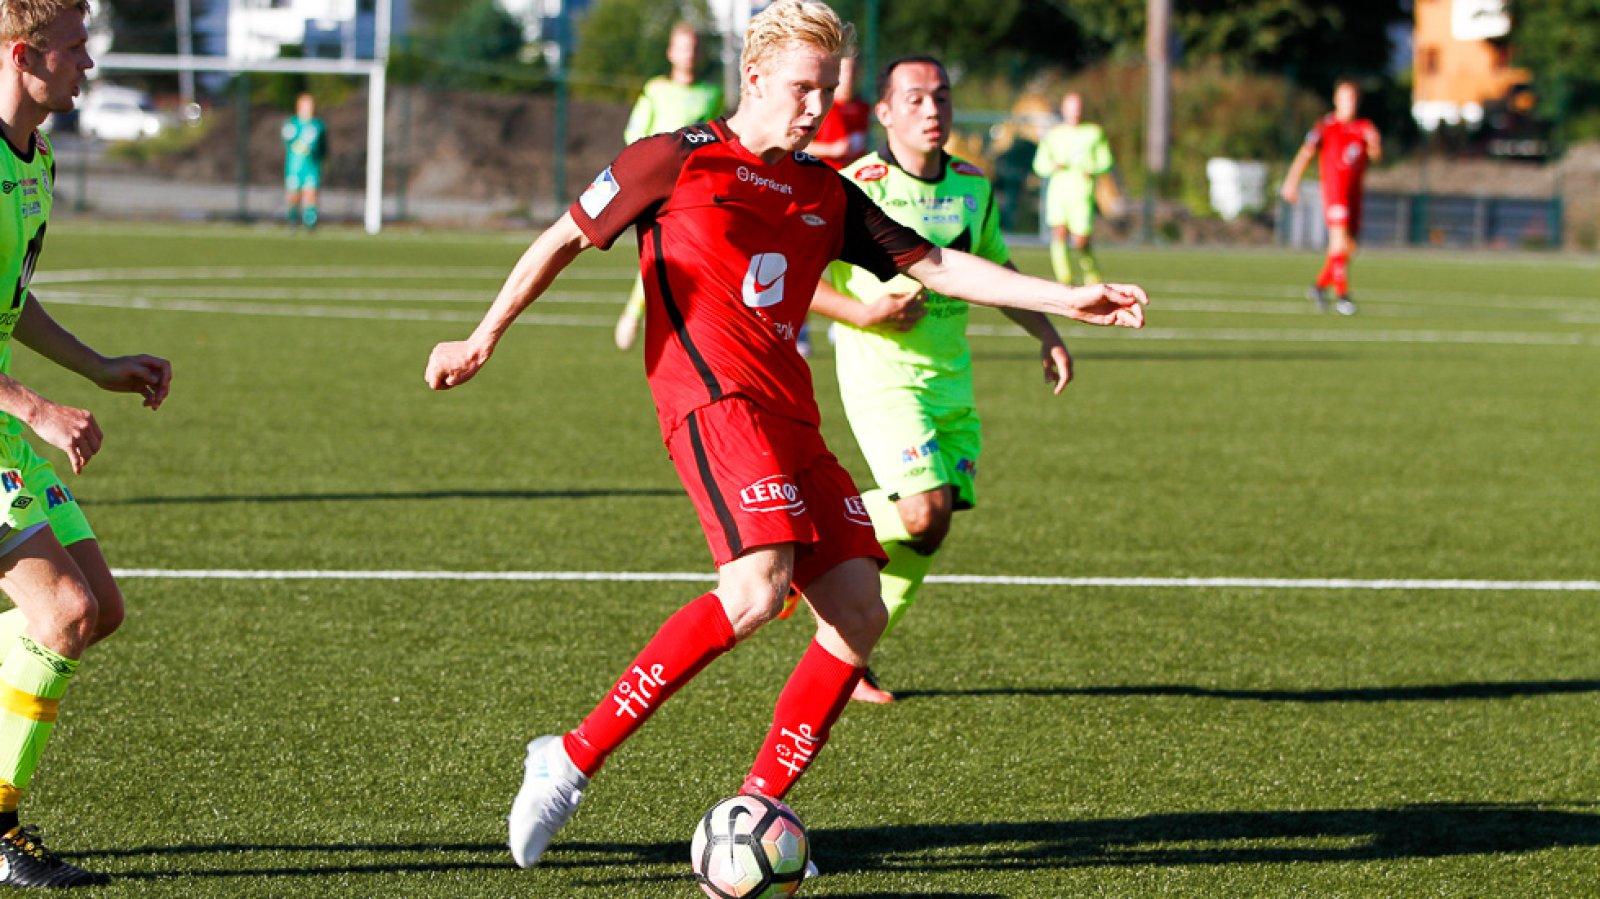 Even Vetås i kamp for Brann 2 mot Fjøra i Norsk Tipping-ligaen avdeling 4 på nymarksbanen 2. september 2017.